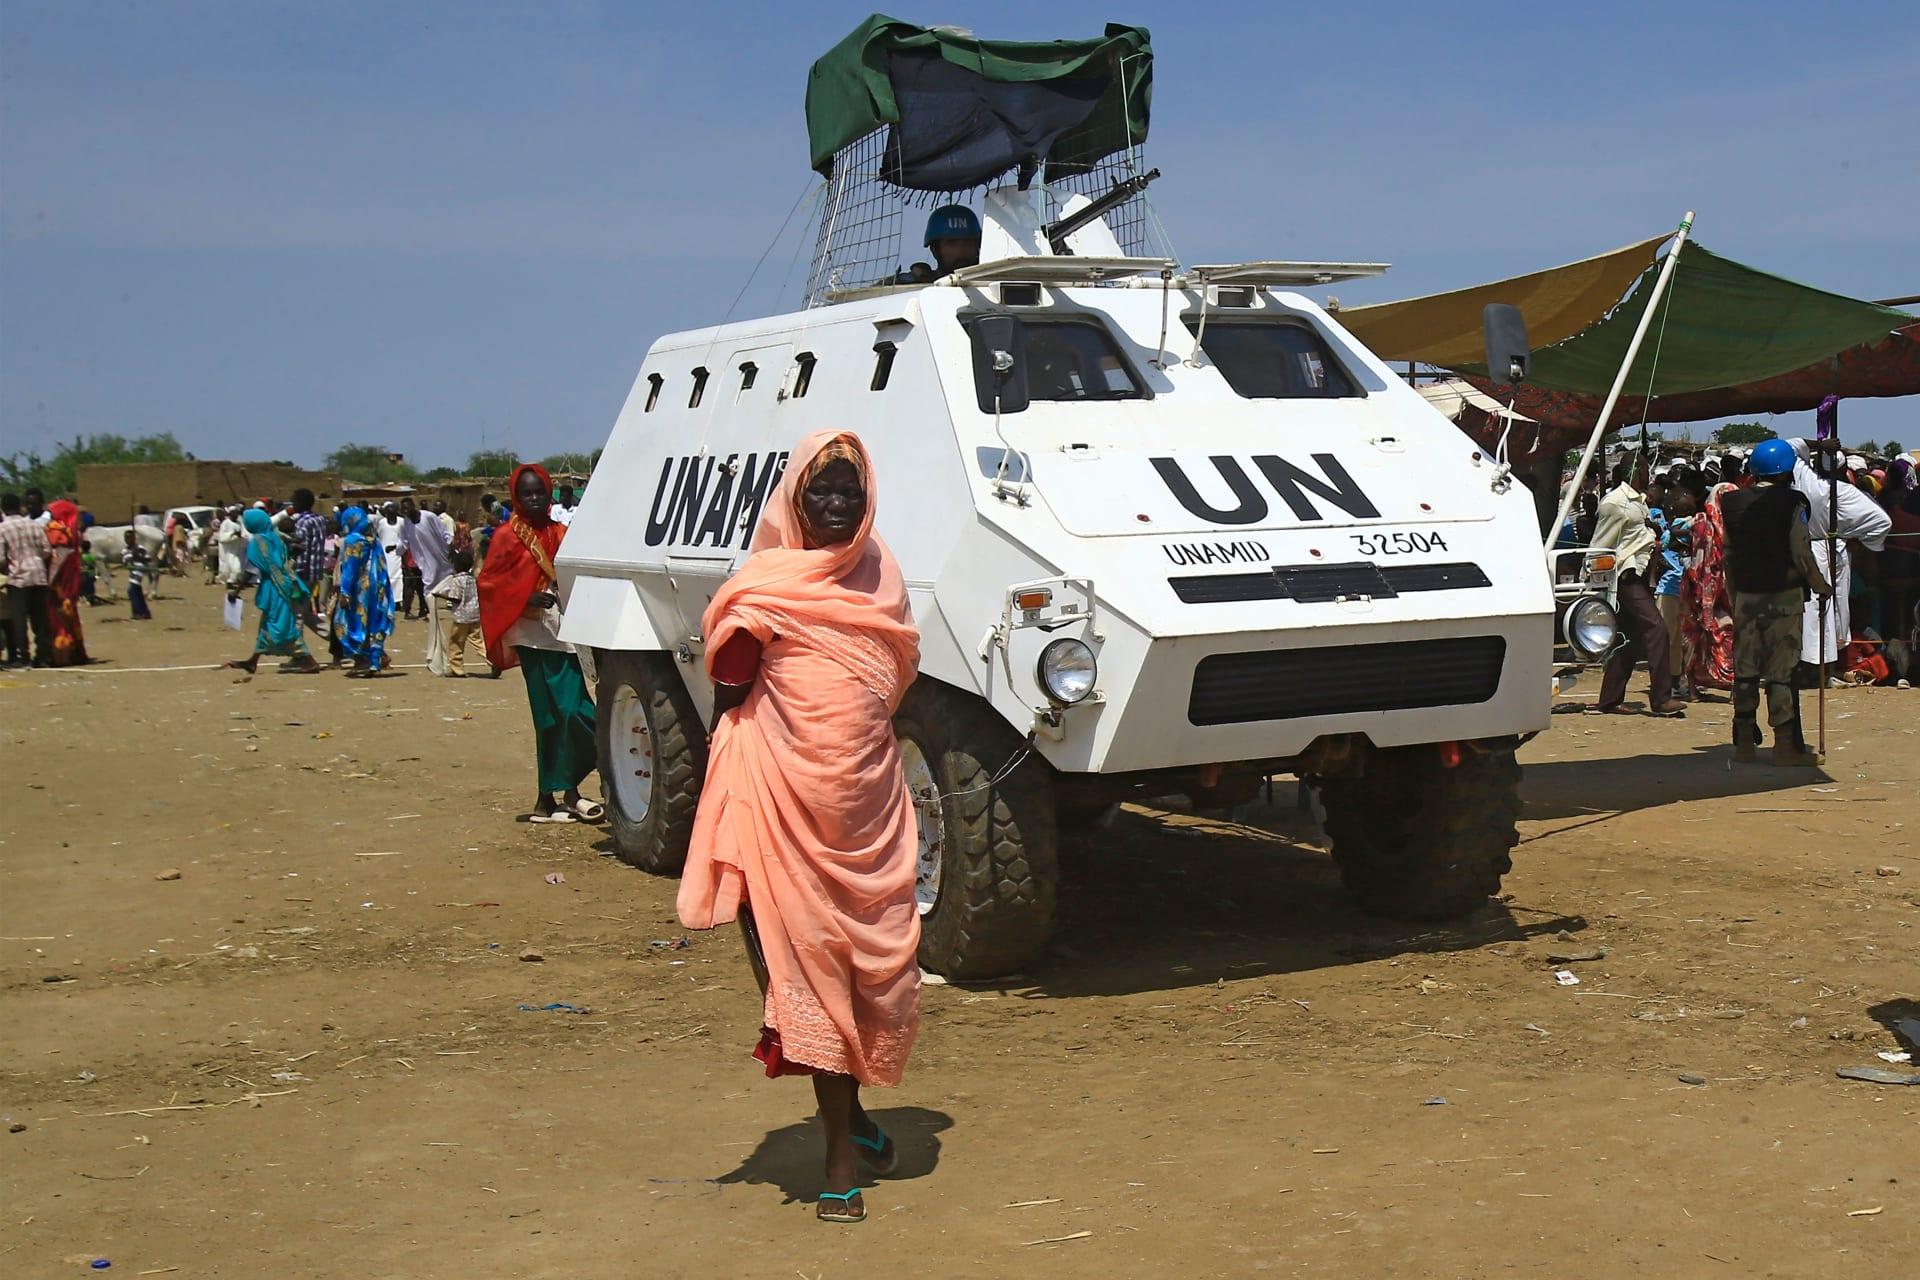 قوات تابعة للأمم المتحدة تعمل على حفظ السلام في إقليم دارفور الذي يشهد صراعًا مسلحًا منذ سنوات